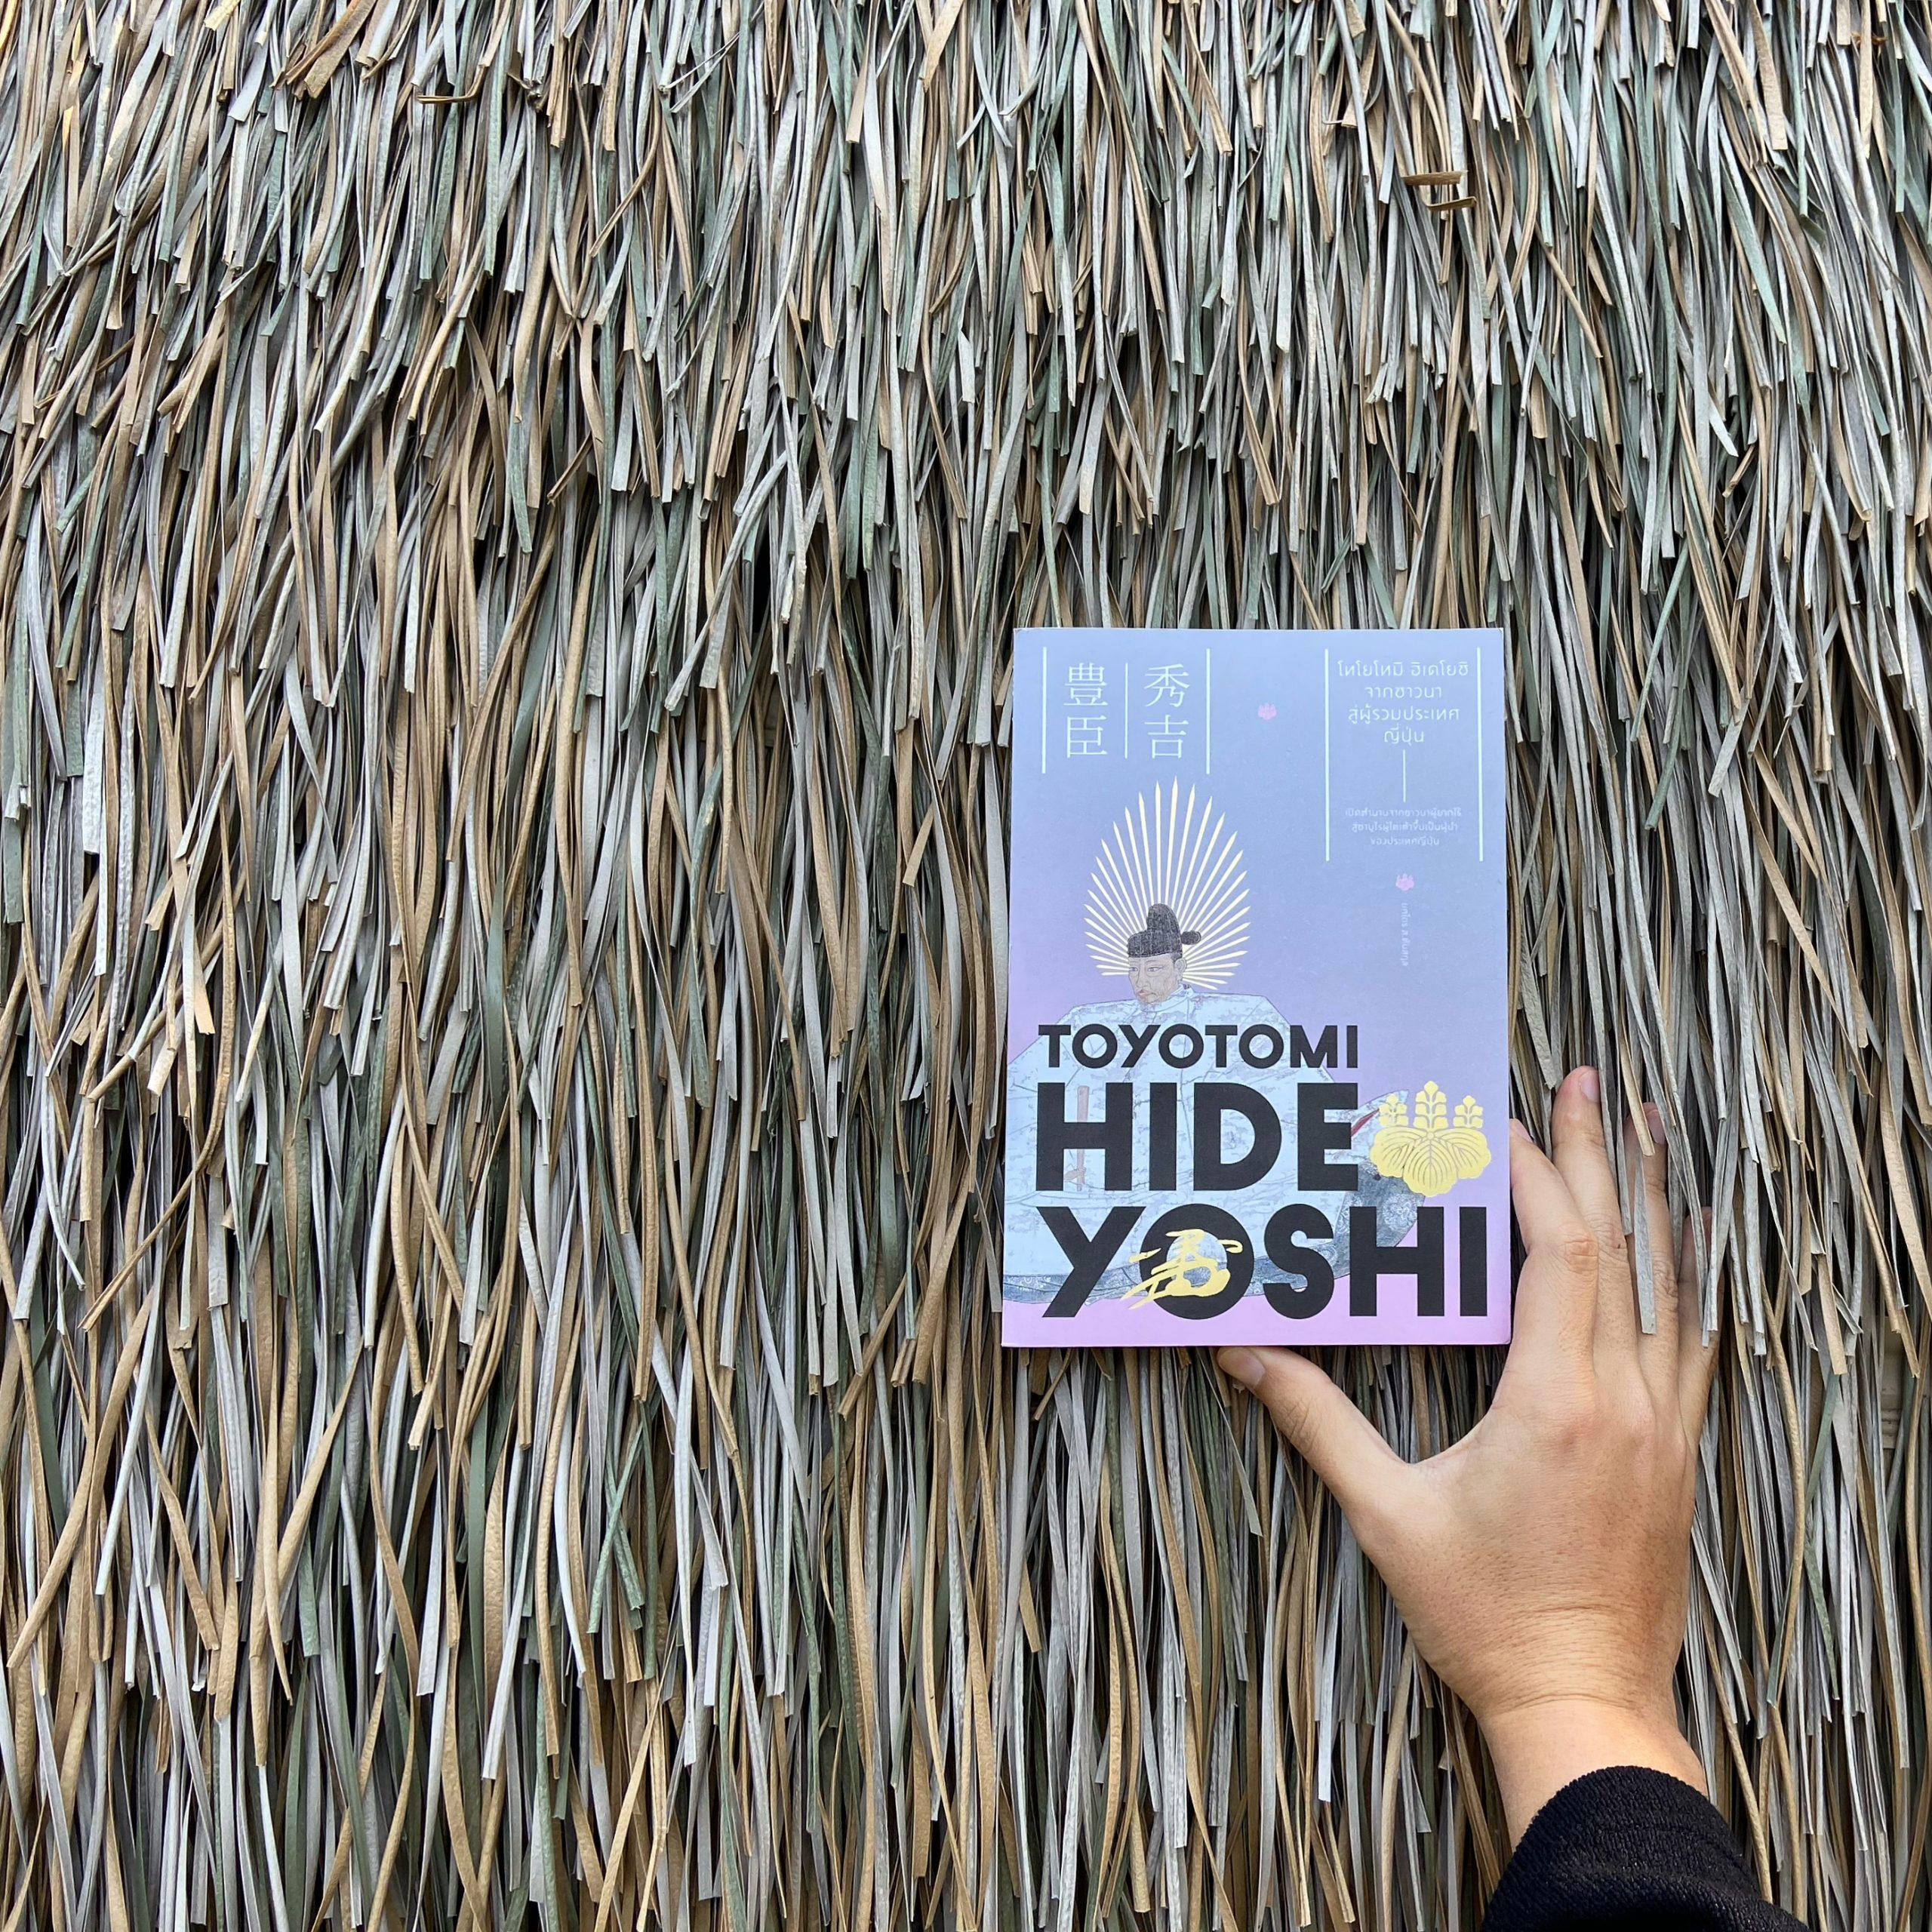 สรุปหนังสือ Toyotomi Hideyoshi โทโยโทมิ ฮิเดโยชิ จากชาวนาสู่ผู้รวมประเทศญี่ปุ่น